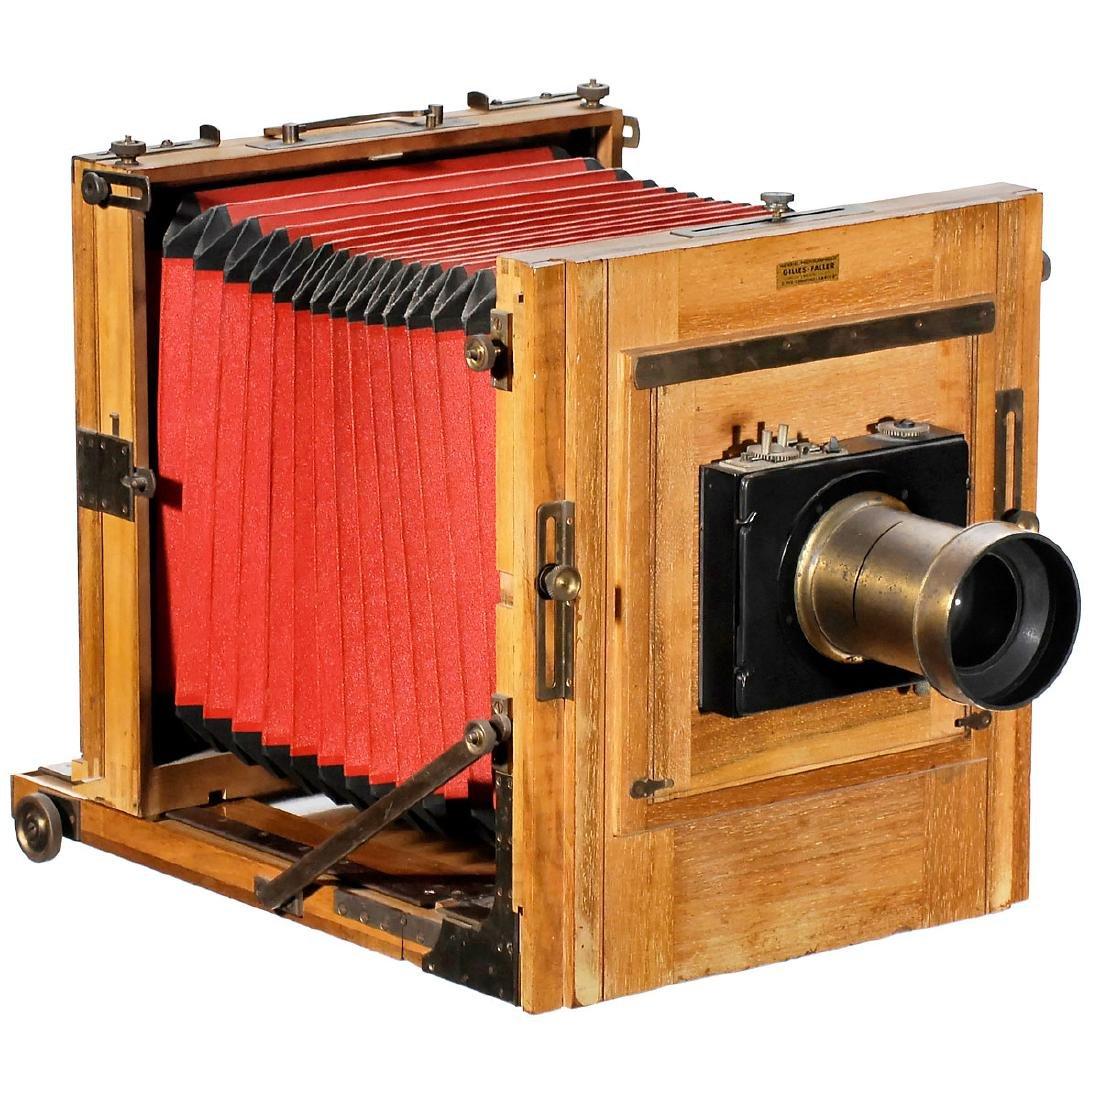 Chambre de Studio (Field and Studio Camera) by